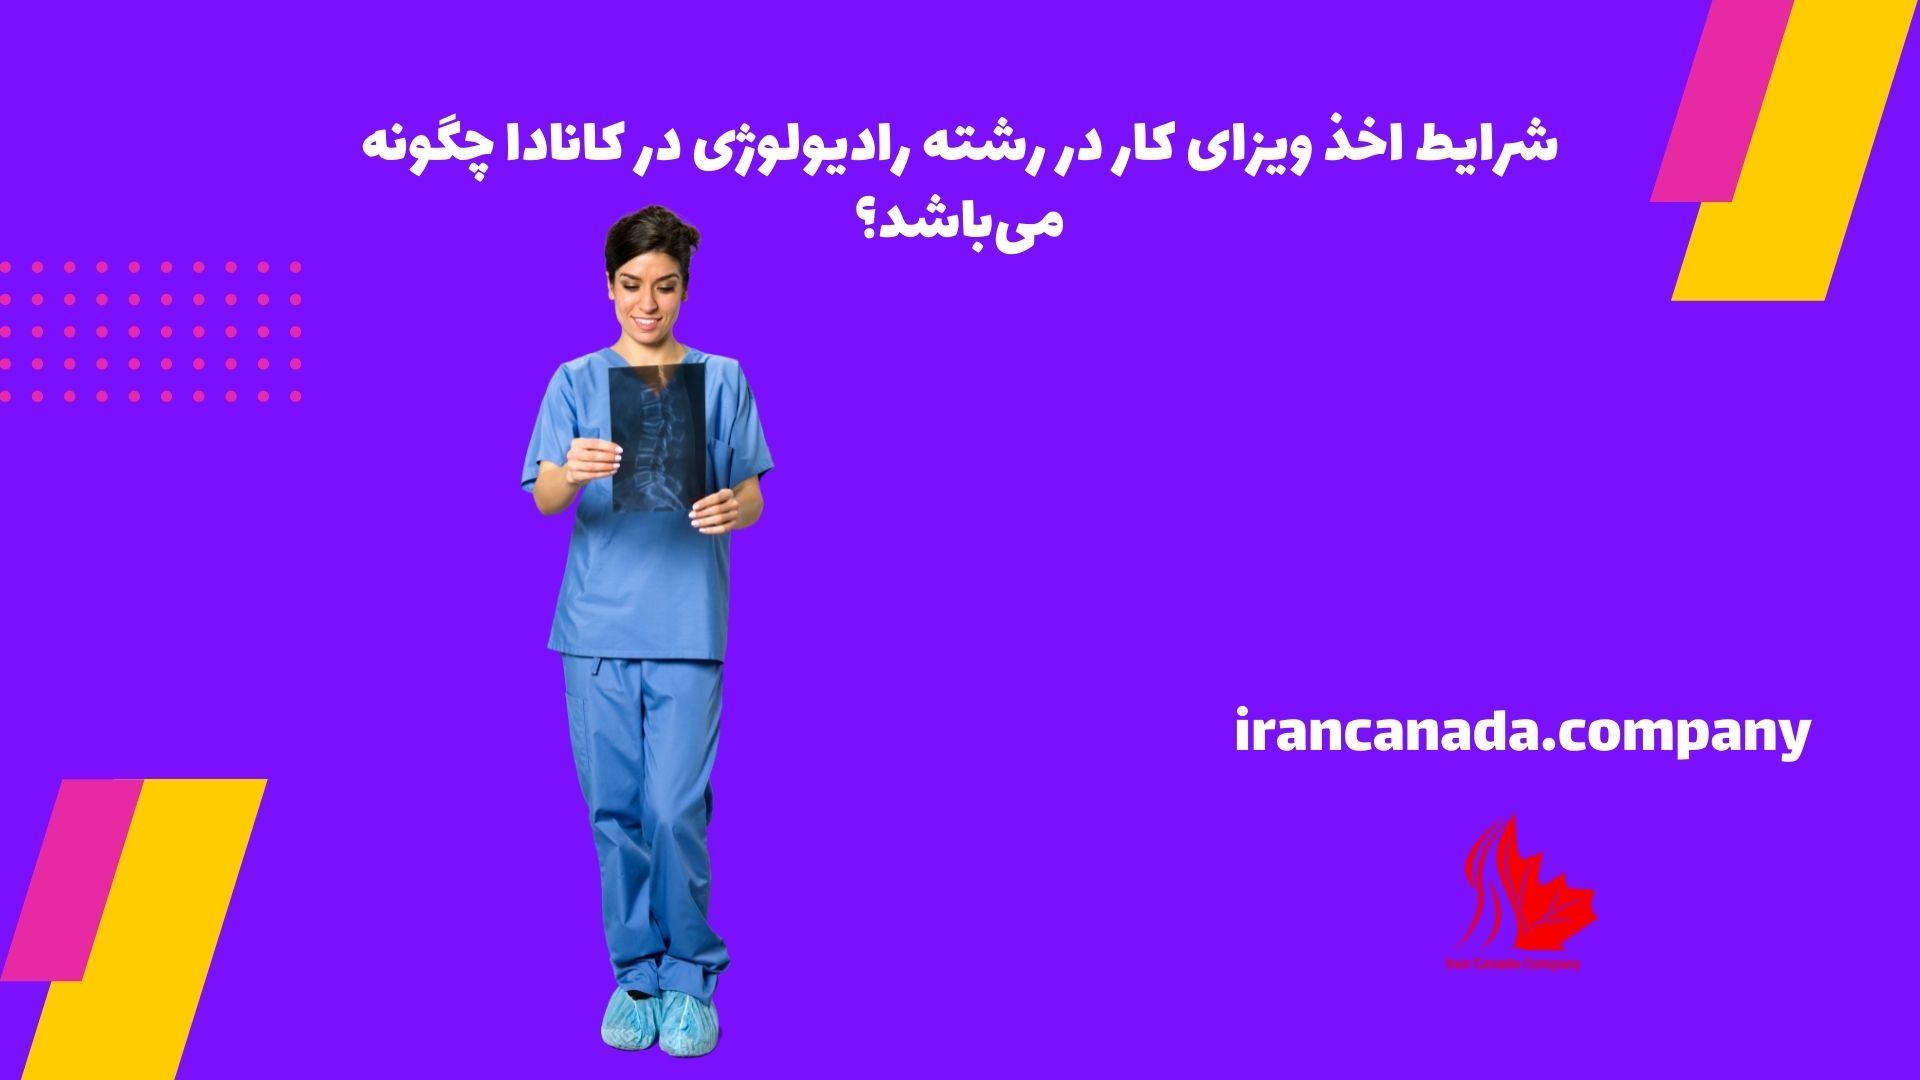 شرایط اخذ ویزای کار در رشته رادیولوژی در کانادا چگونه میباشد؟